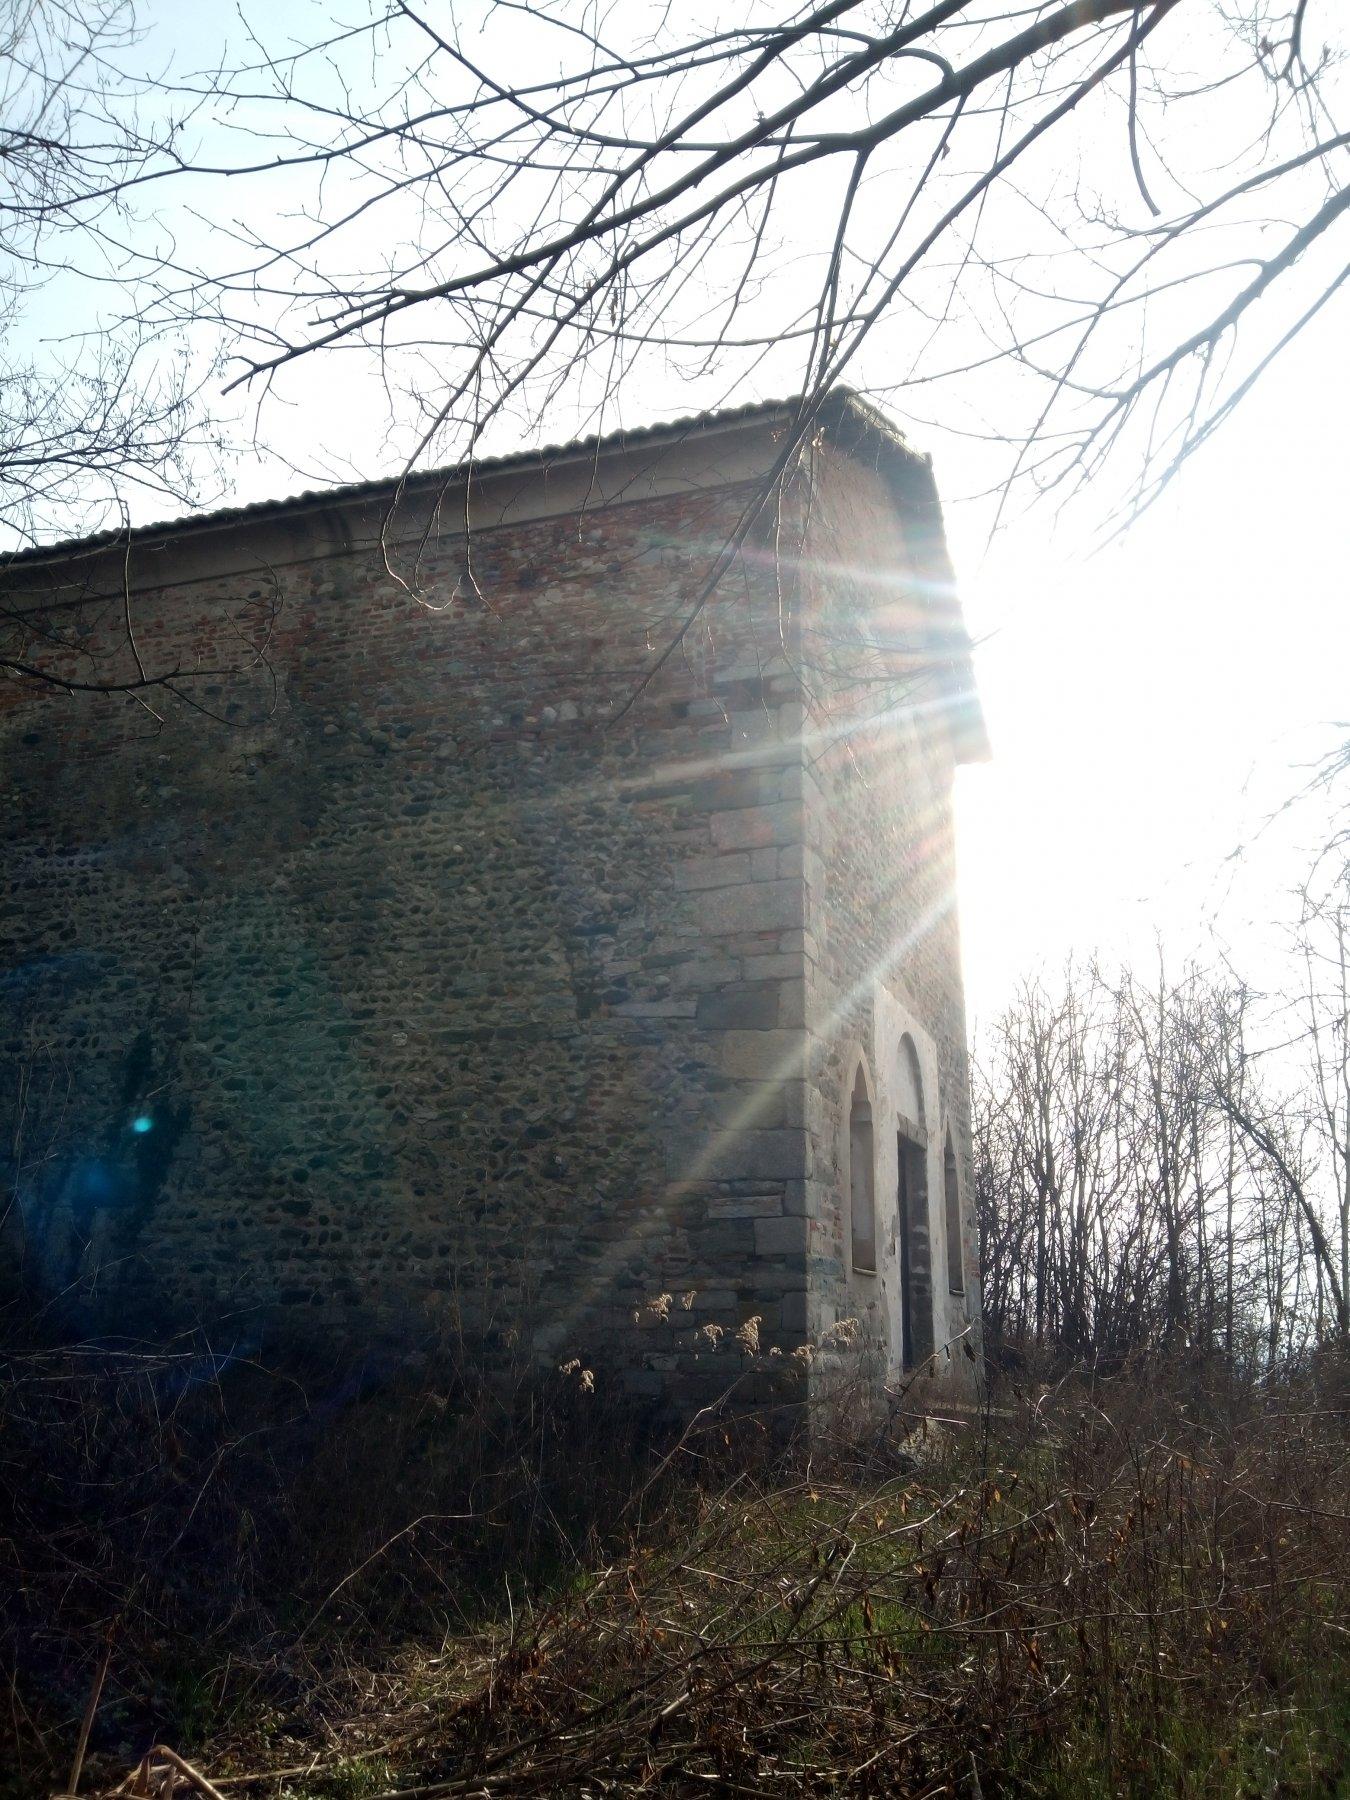 chiesetta incontrata sulla strada dei 22 giri